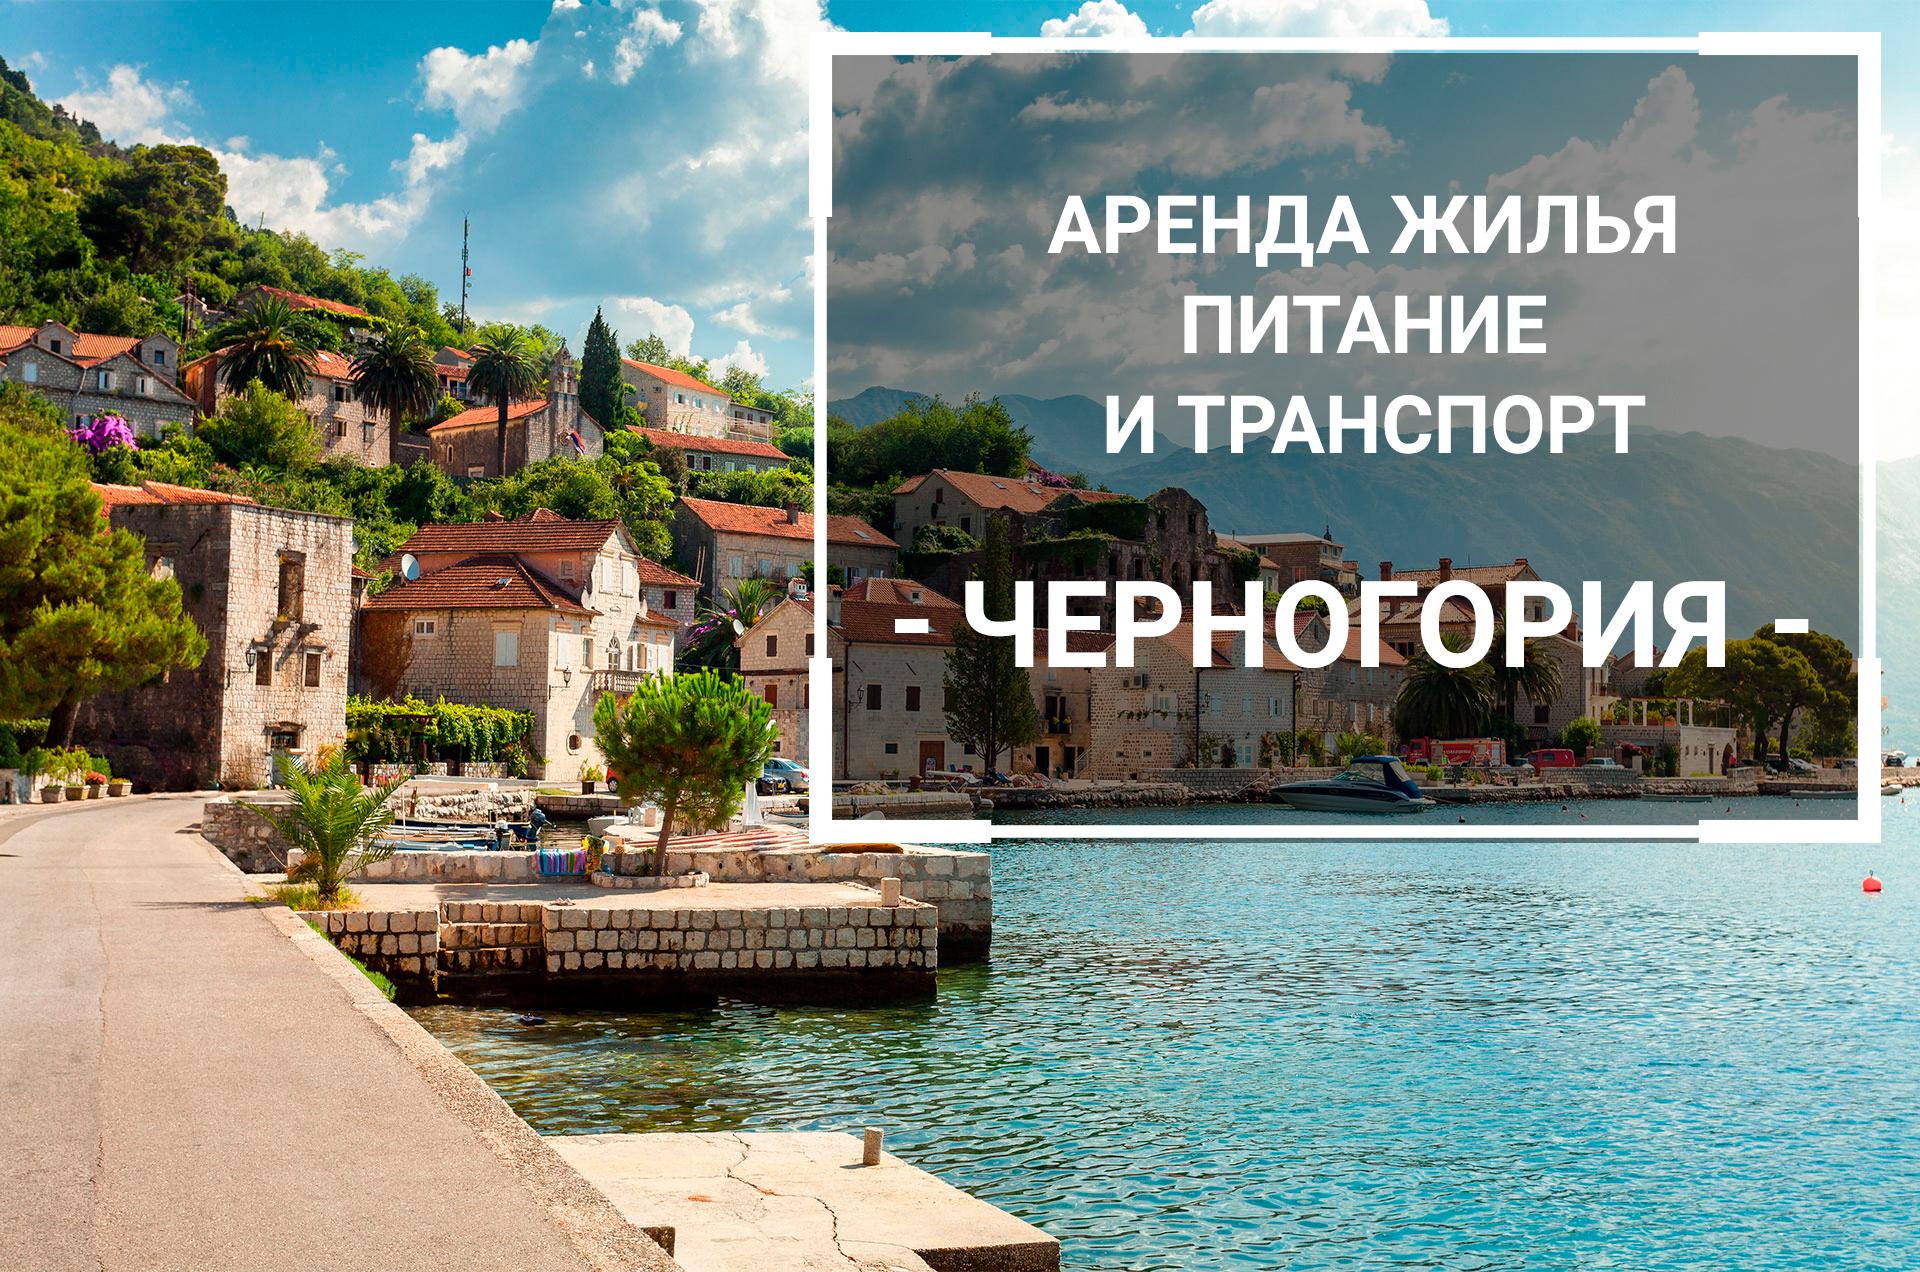 Стоимость жизни в Черногории – аренда жилья, питание и транспорт